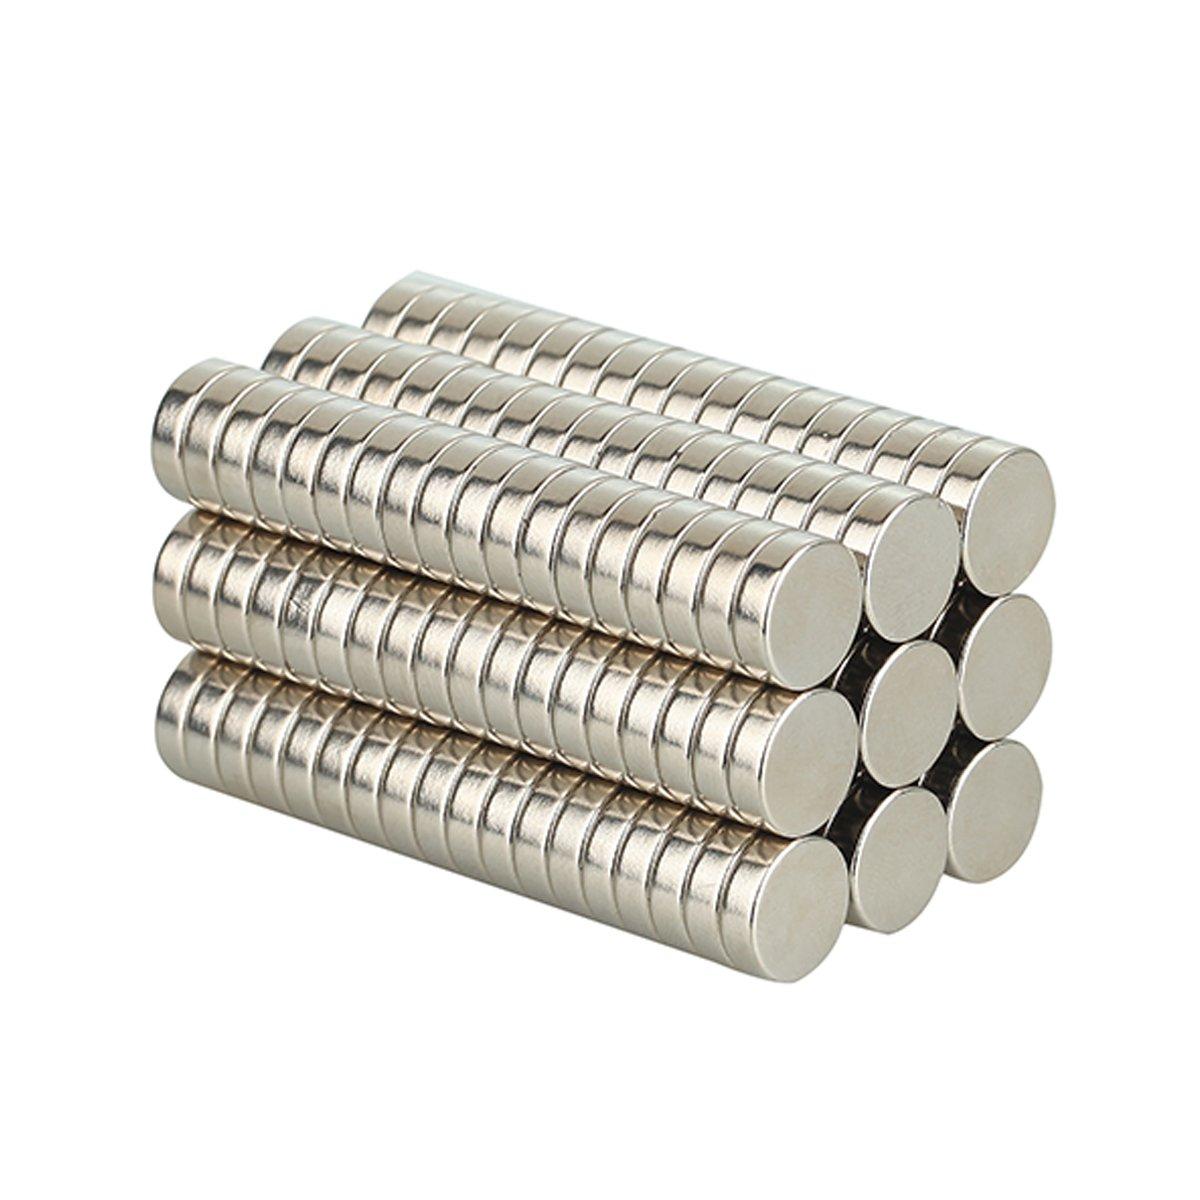 barre Esperimenti Scientifici Uffici Aodoor Magneti forte magnete di terre rare per Frigoriferi Magneti al neodimio 5 x 5 x 5 mm 100 pezzi